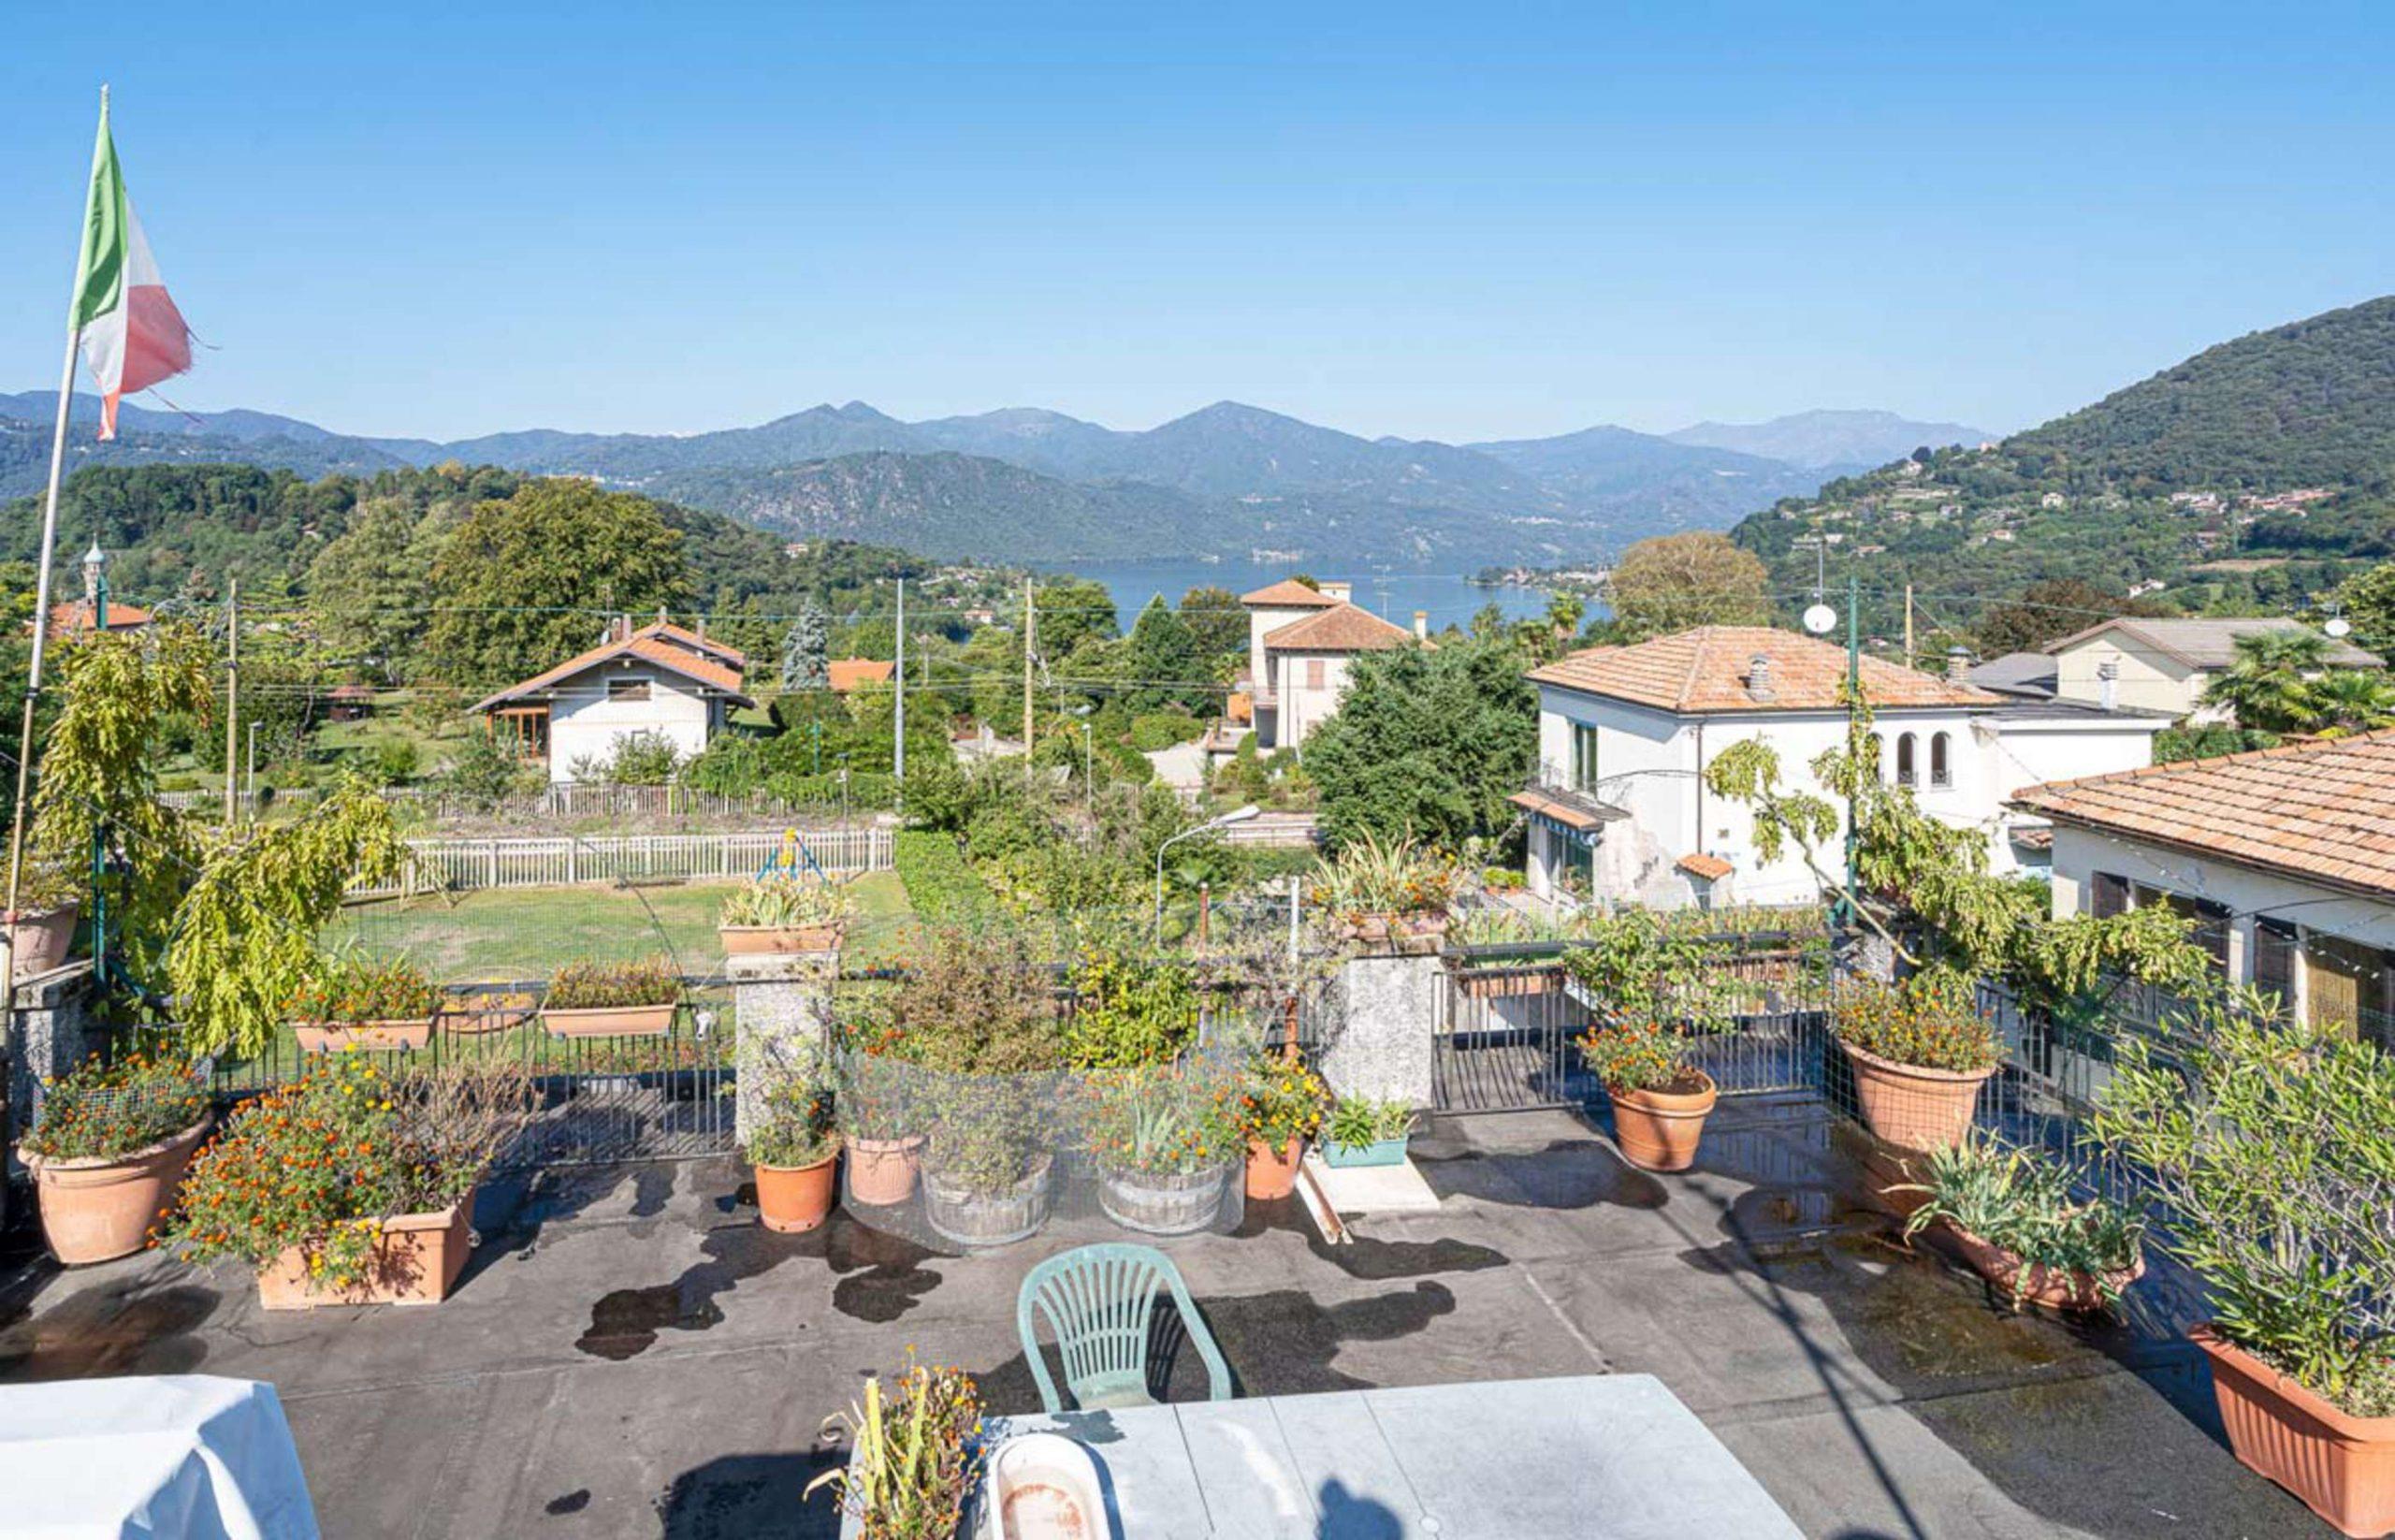 ORTA Appartamento con terrazza sul tetto e box auto